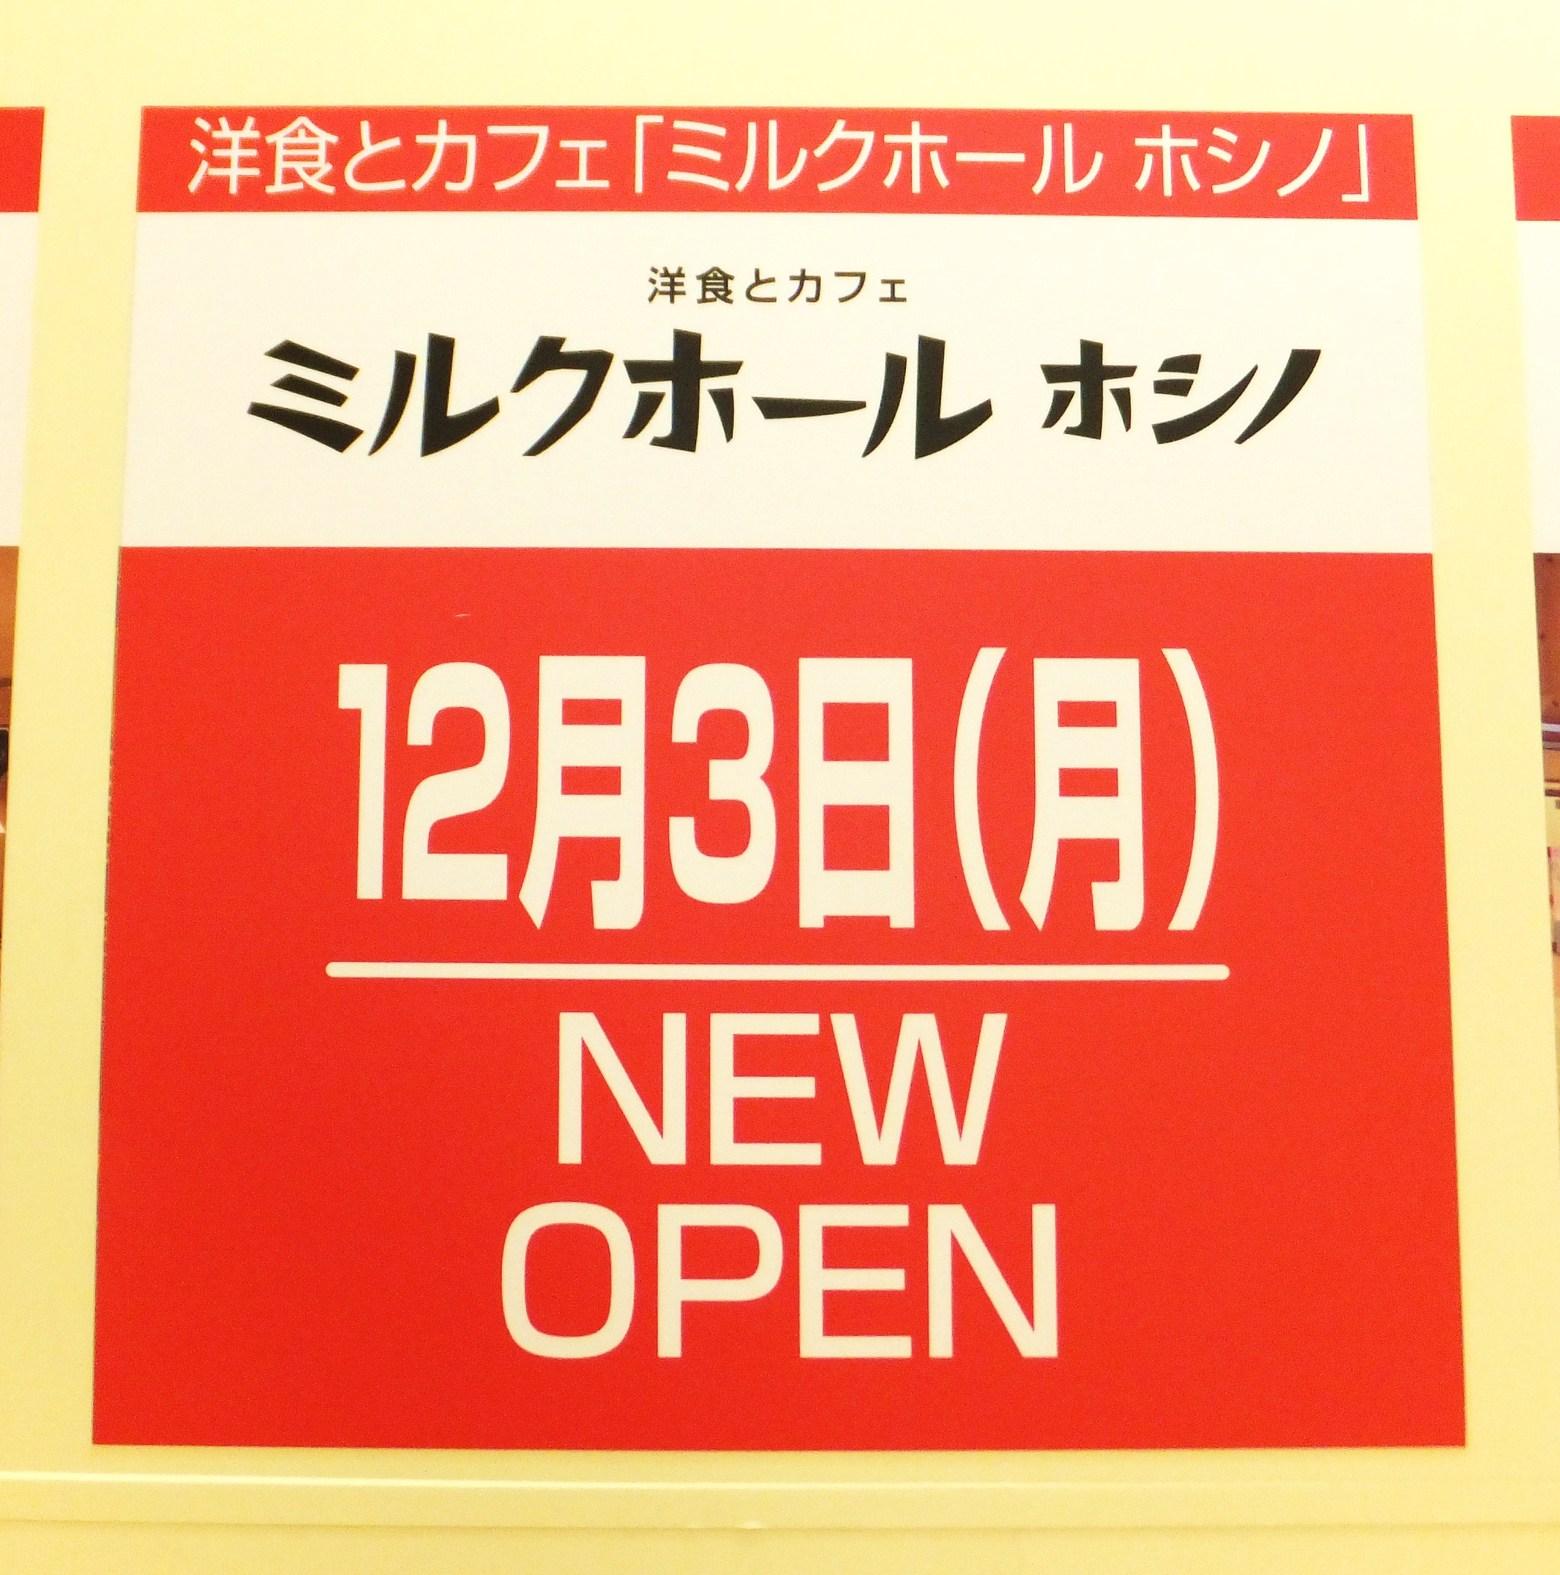 ミルクホールホシノ 堺高島屋店